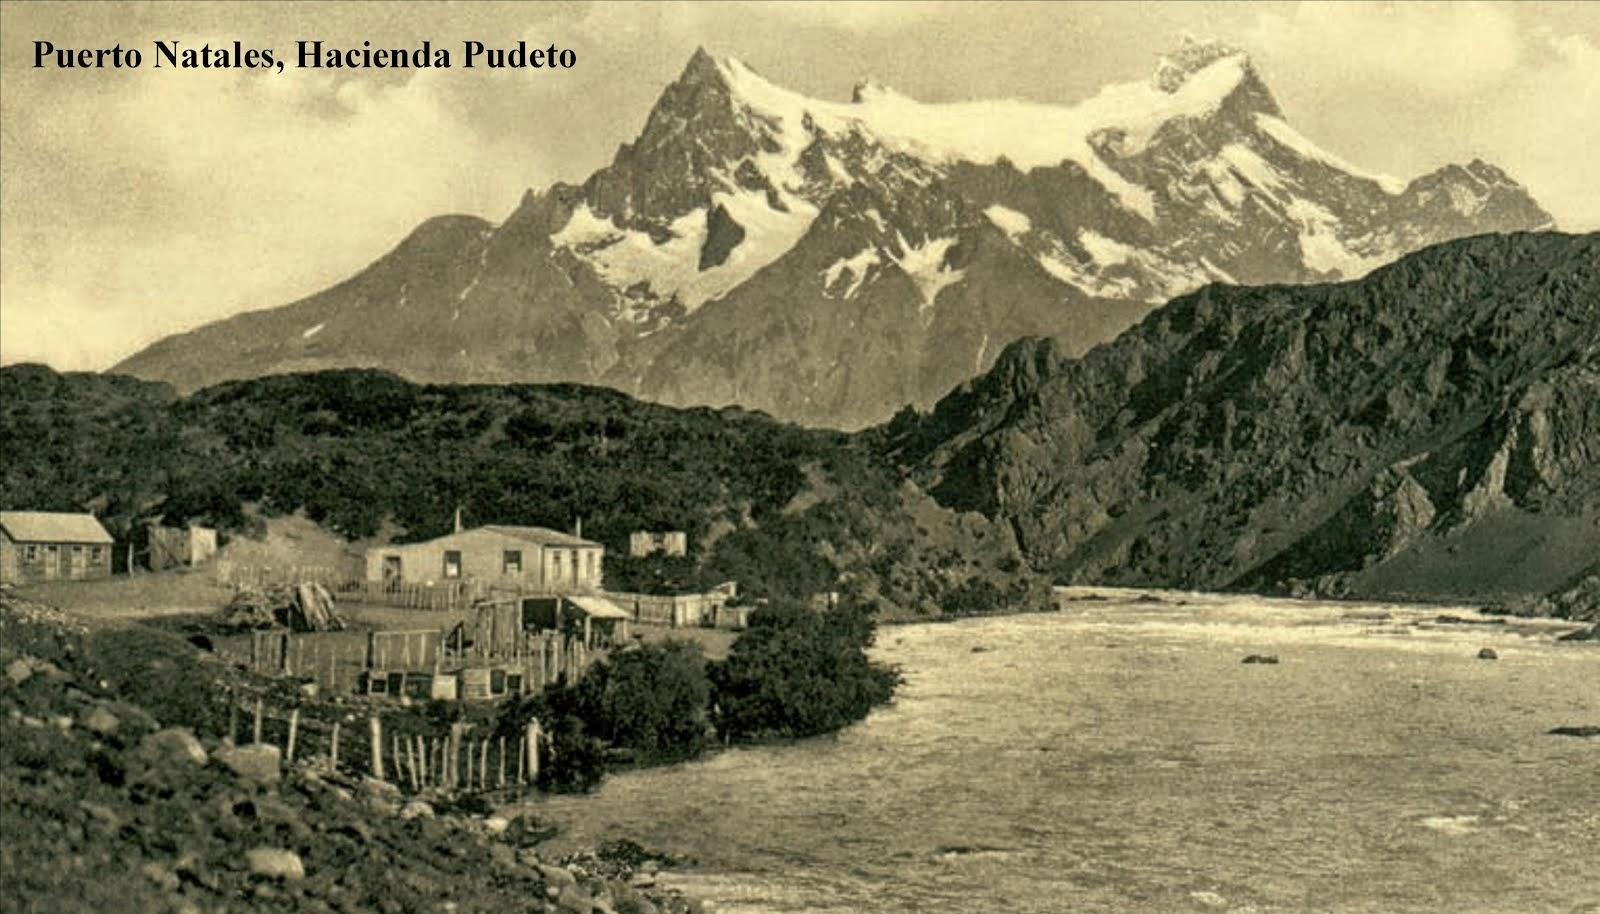 Puerto Natales y Tierra del Fuego